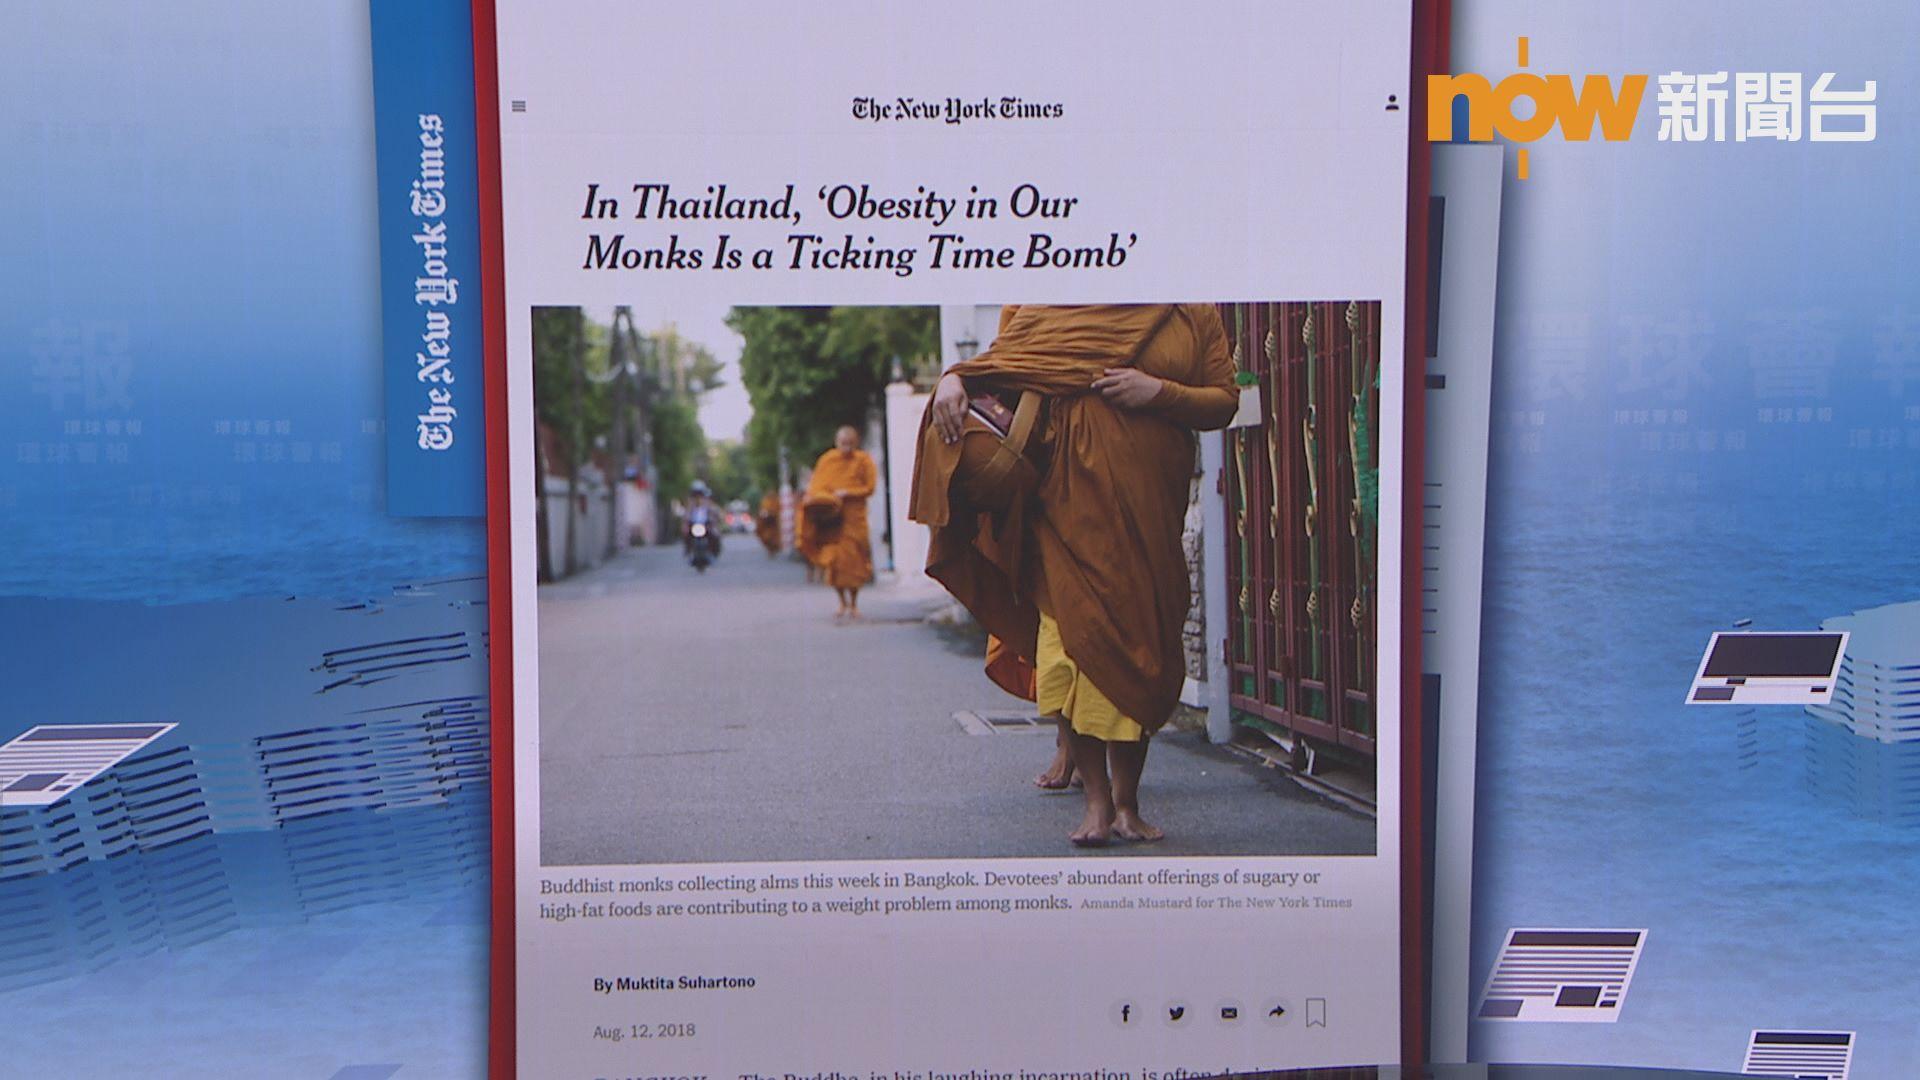 【環球薈報】泰國僧侶癡肥問題成隱患